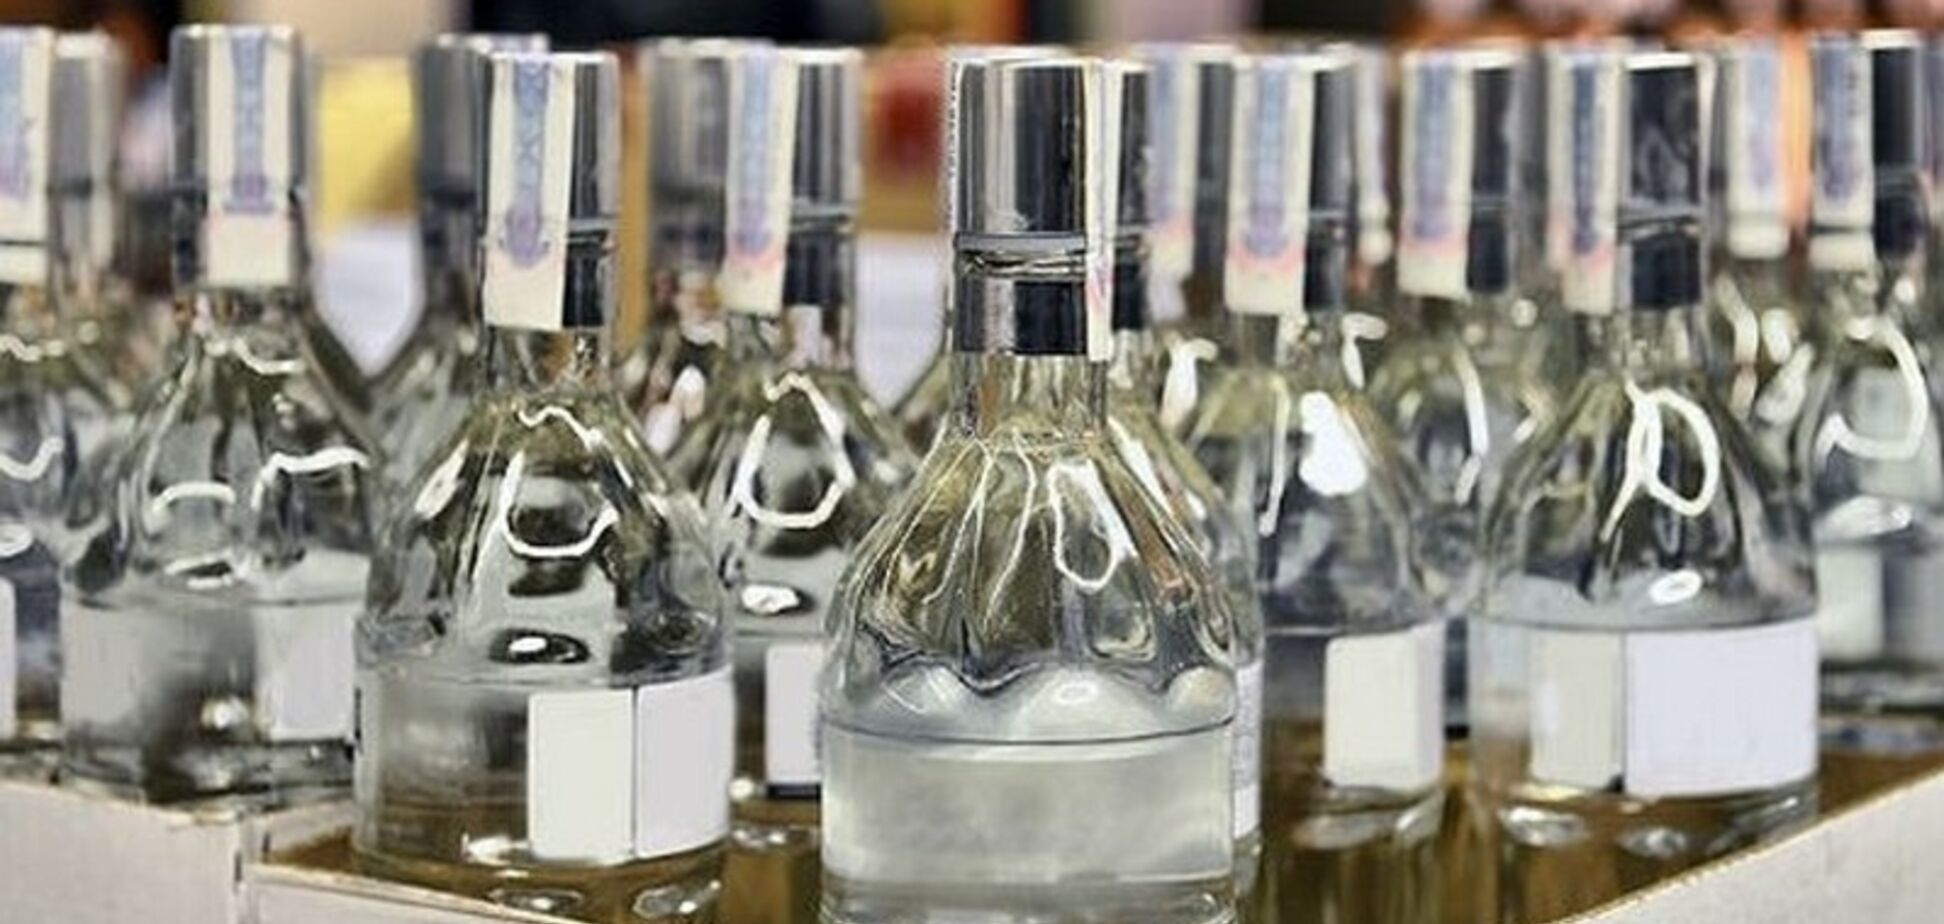 Праздникам конец: в Днепре СБУ накрыла цех с незаконным алкоголем